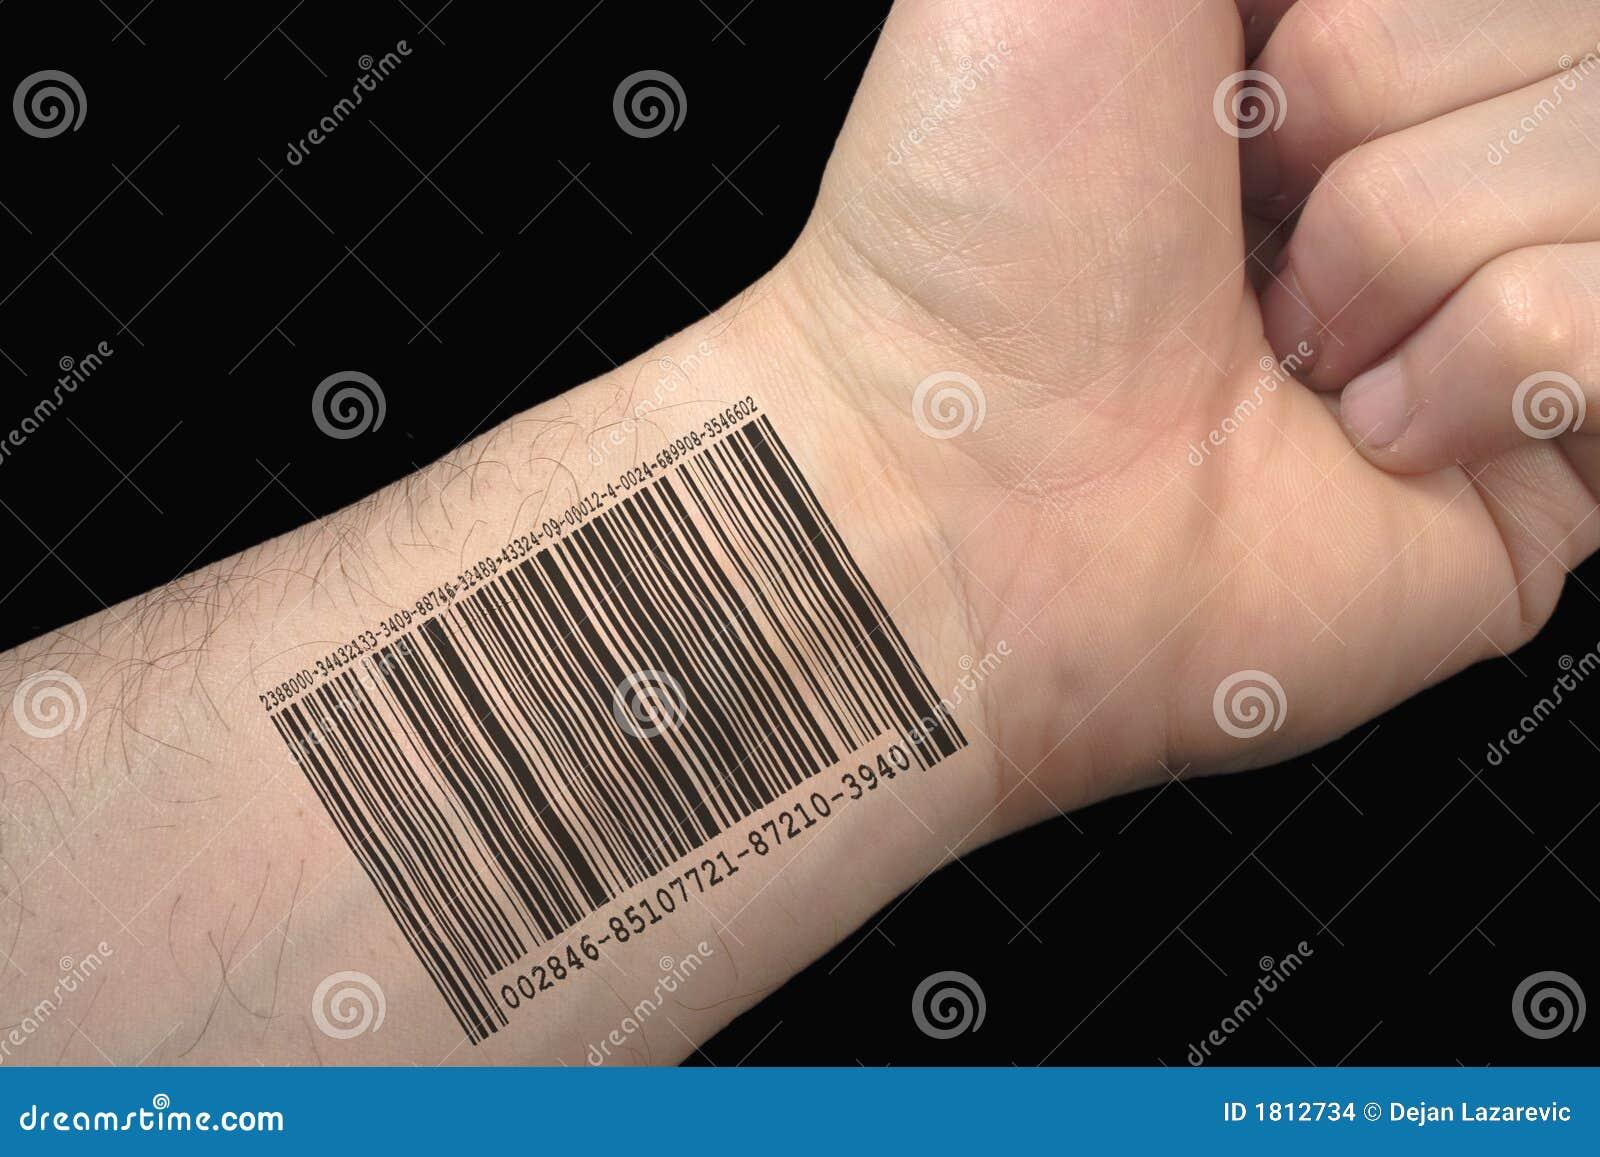 bar code tattoo stock images image 1812734. Black Bedroom Furniture Sets. Home Design Ideas